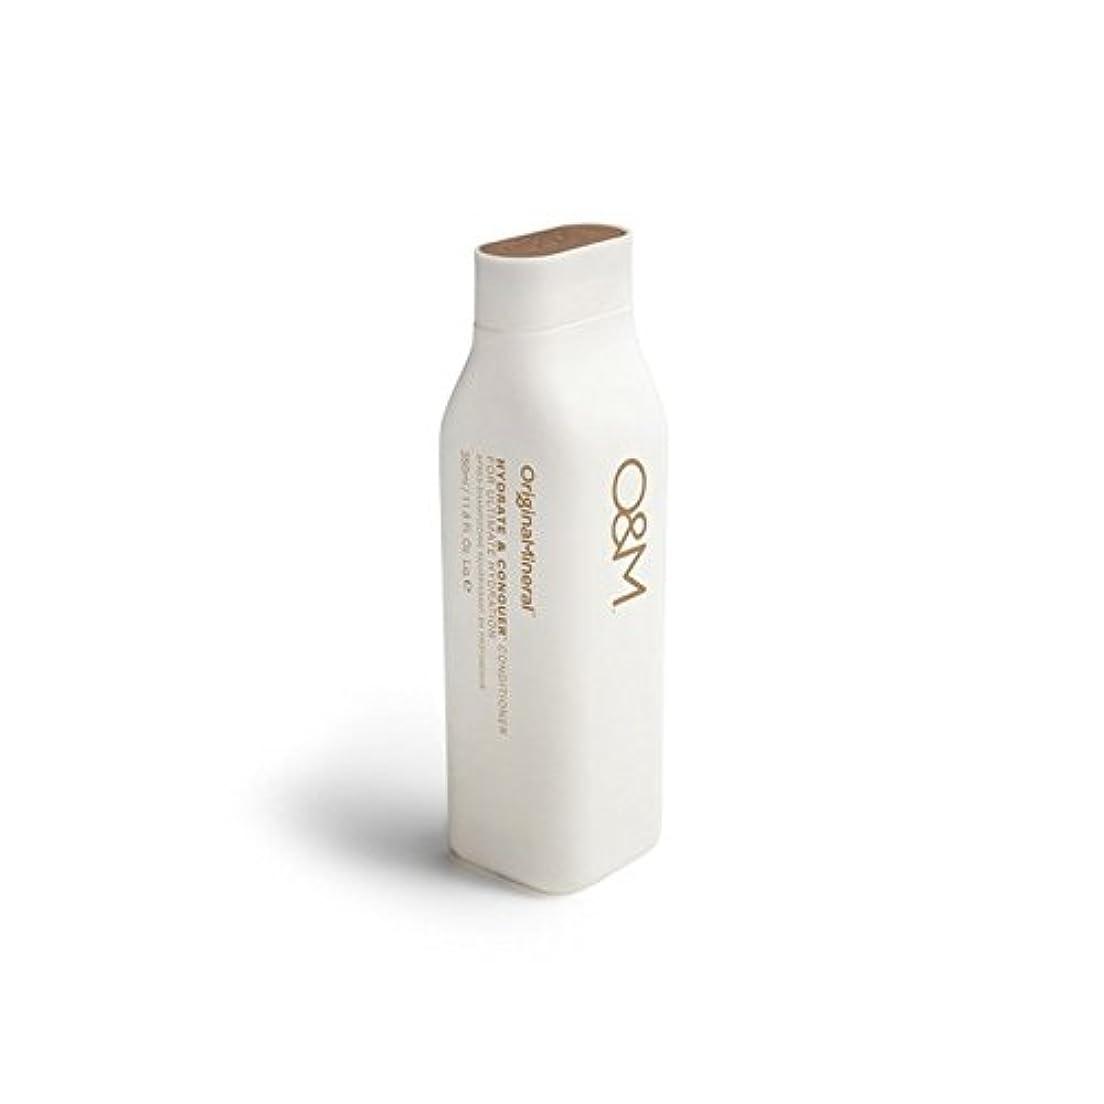 灌漑経歴ラッチOriginal & Mineral Hydrate And Conquer Conditioner (350ml) - オリジナル&ミネラル水和物及びコンディショナー(350ミリリットル)を征服 [並行輸入品]